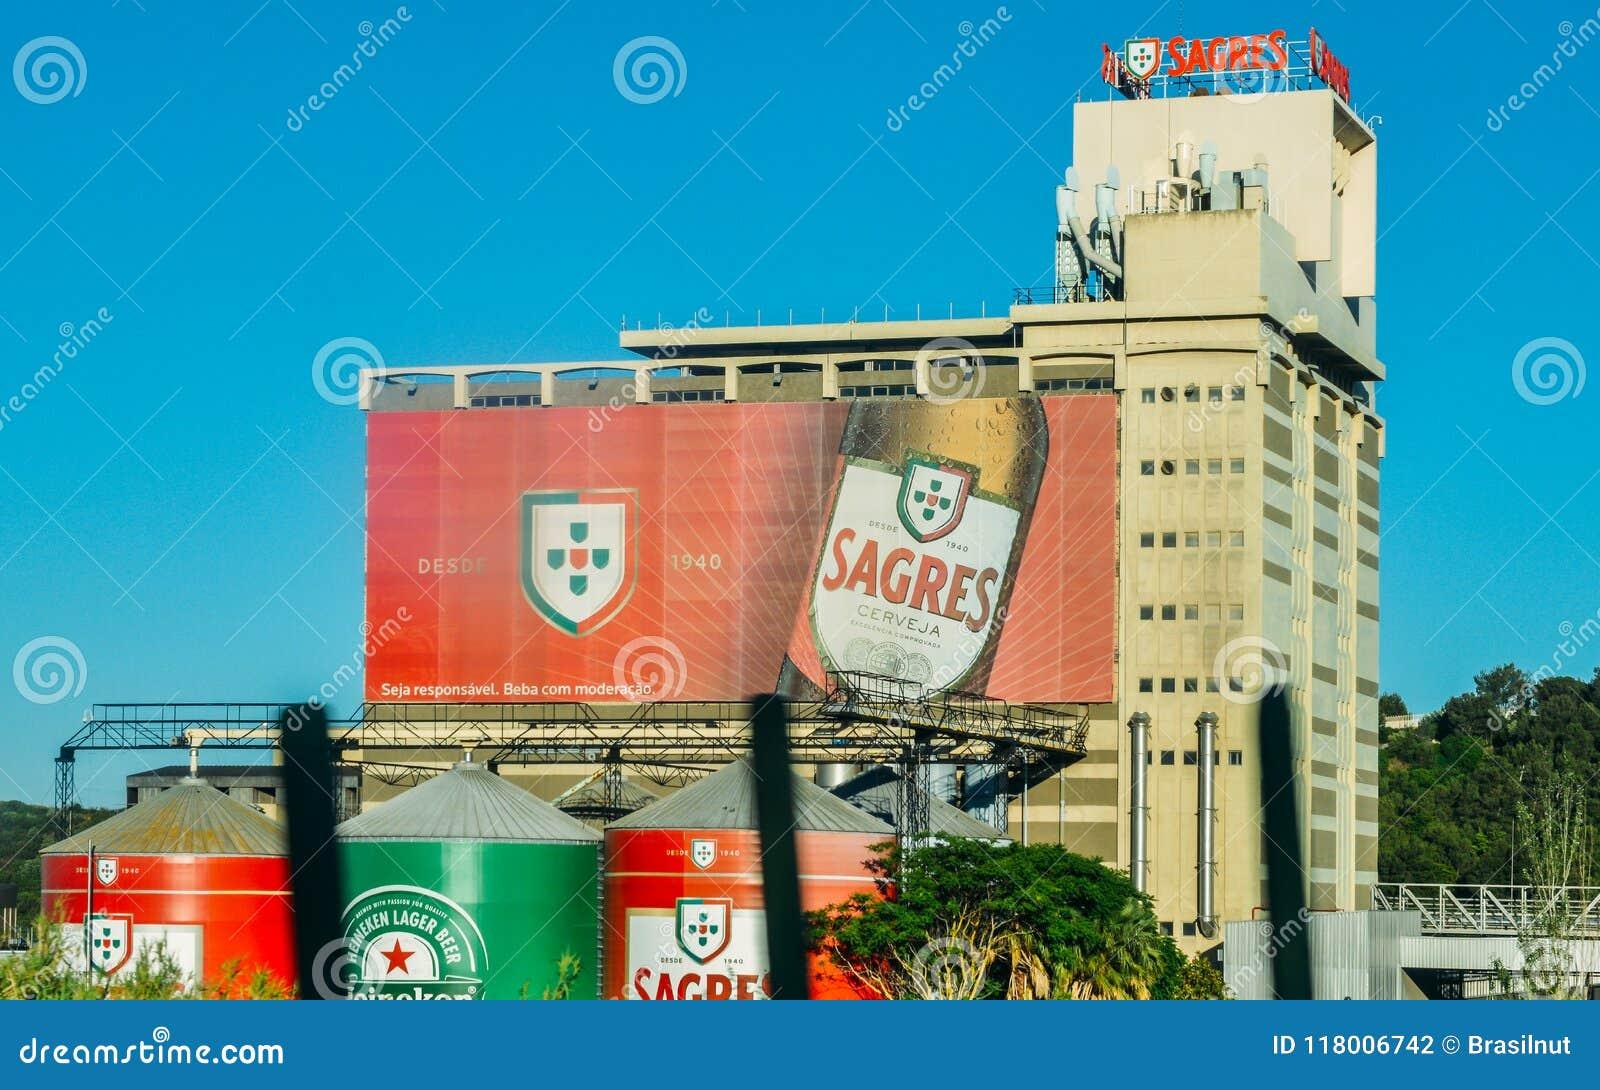 La brasserie de Sagres, près de Lisbonne produit presque 300 millions de litres de litres de bière par an Des bières de Sagres so